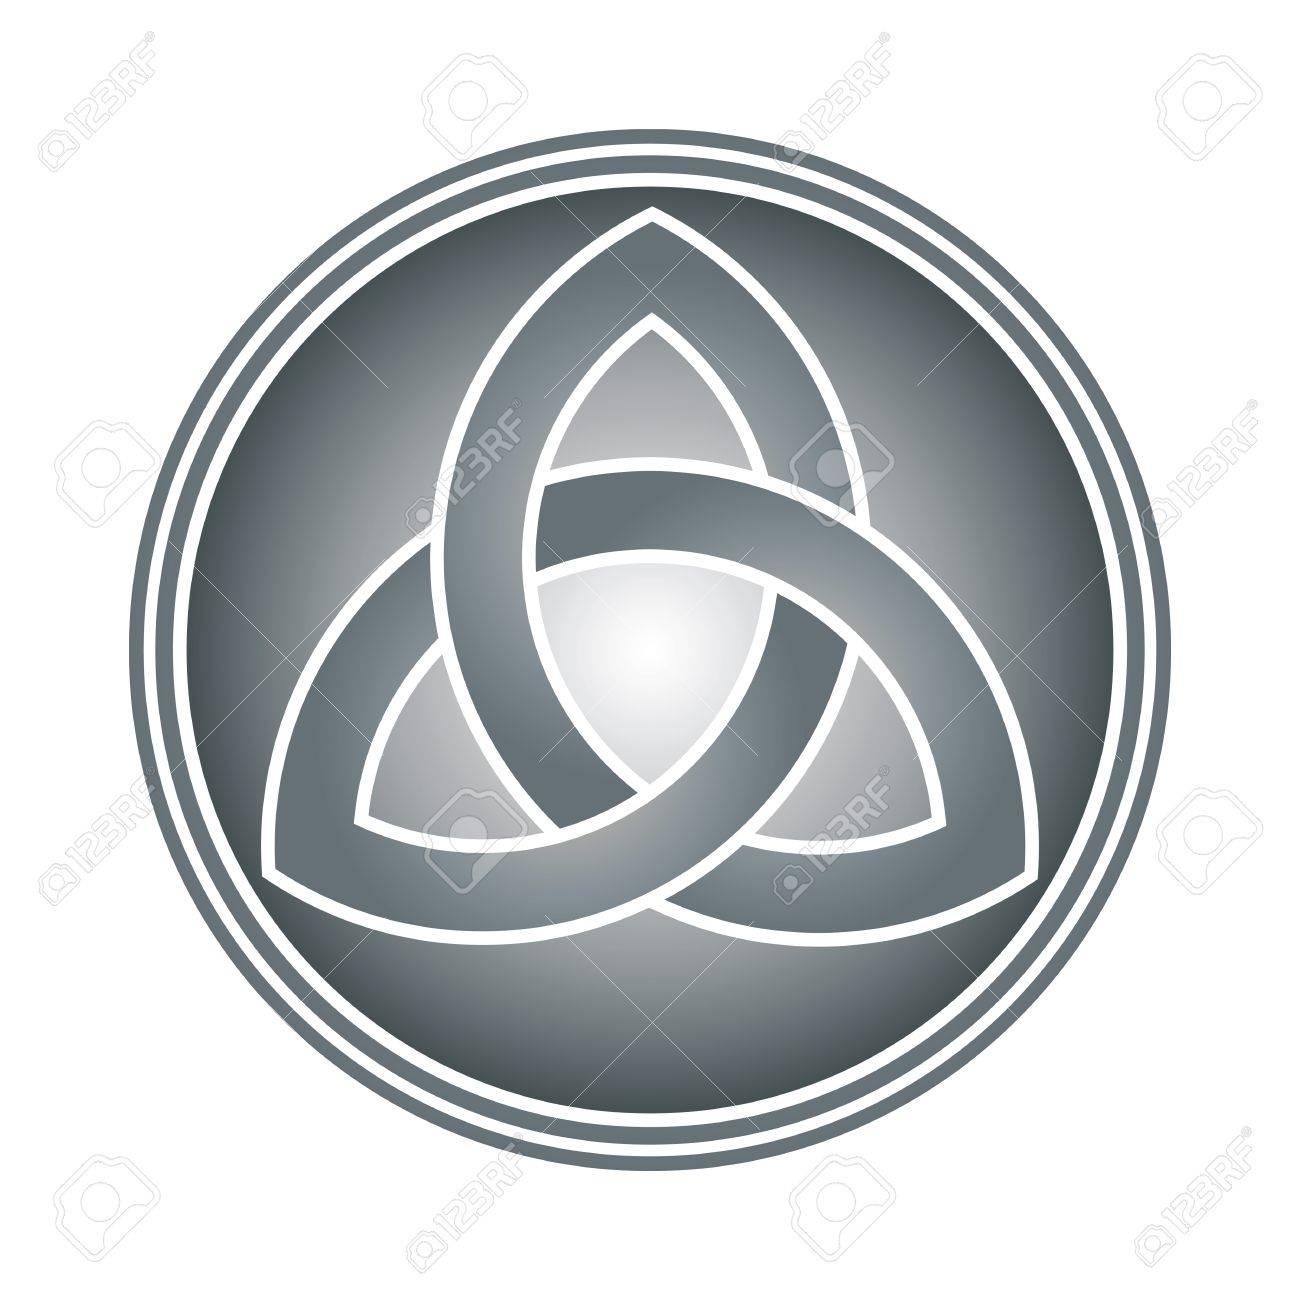 celtic trinity knot Stock Vector - 15844891